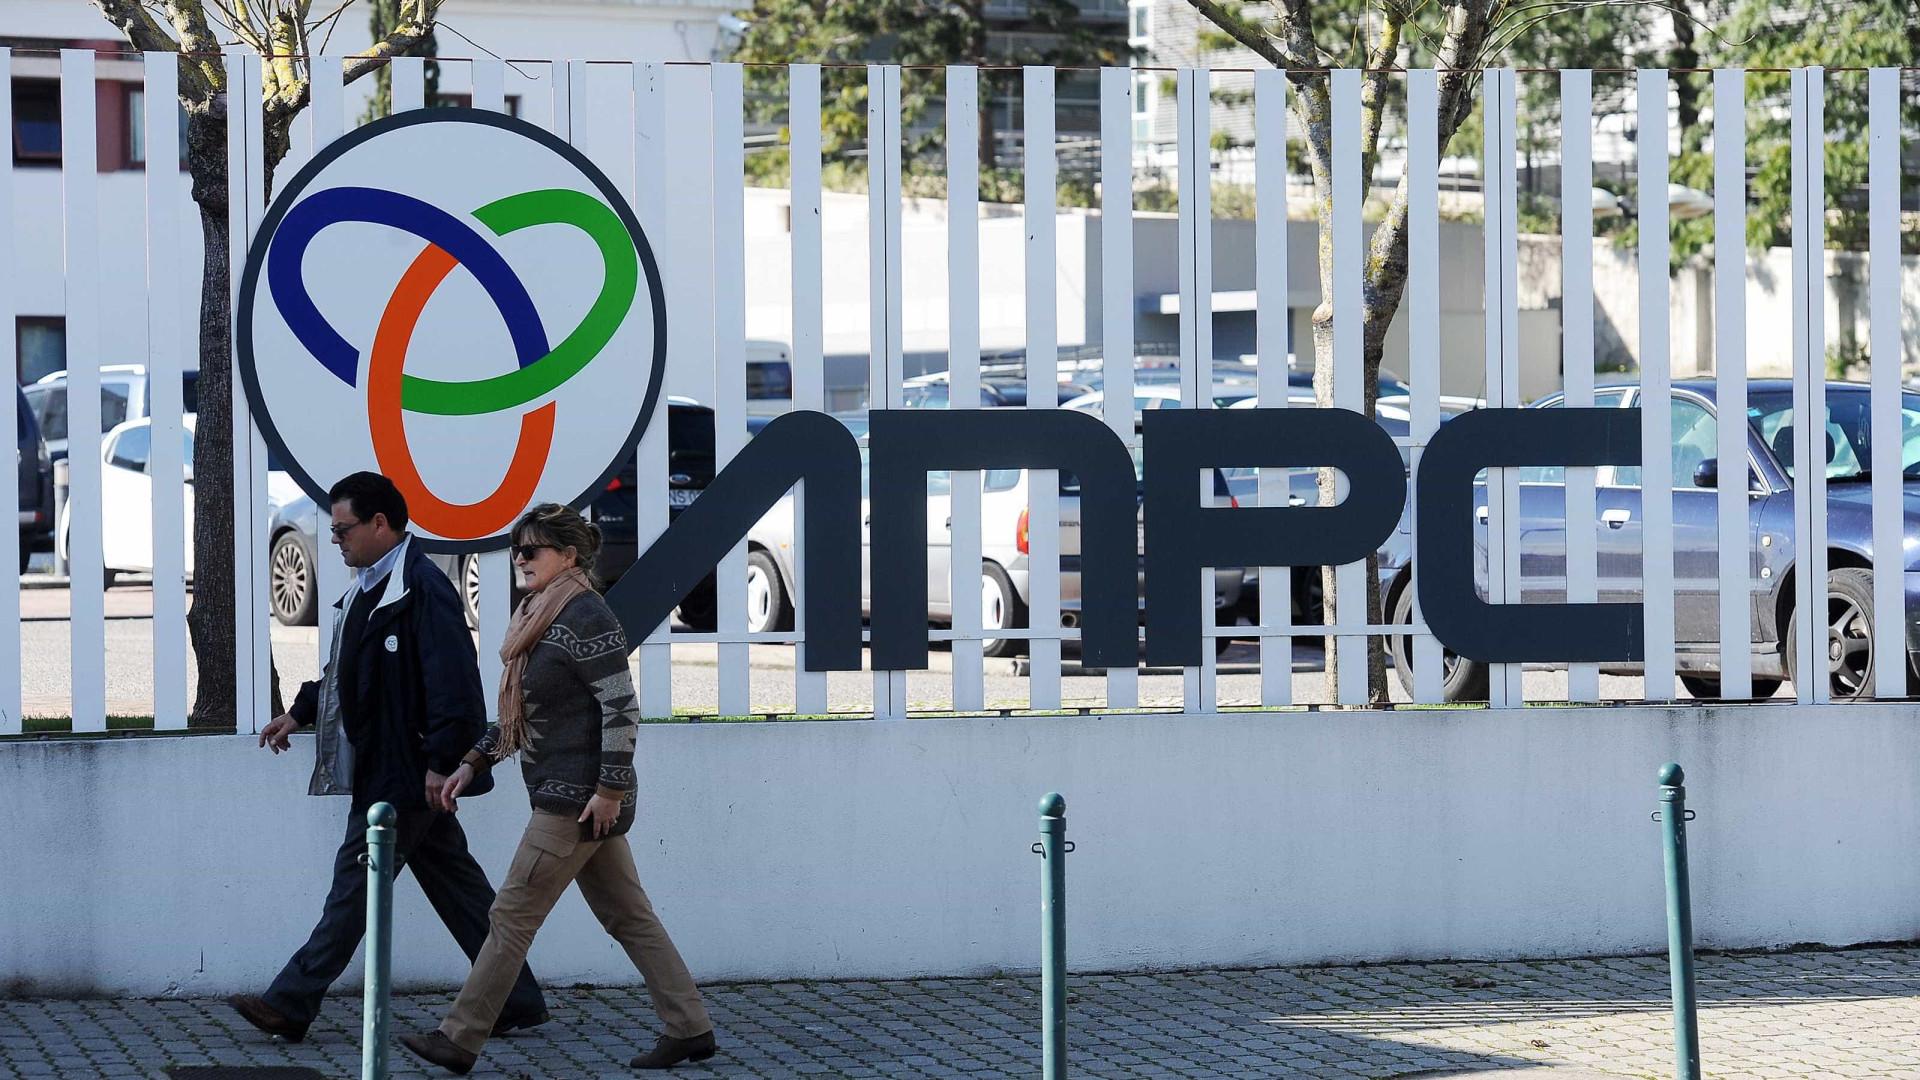 Auditoria: Dirigentes da ANPC com documentos que comprovam licenciaturas